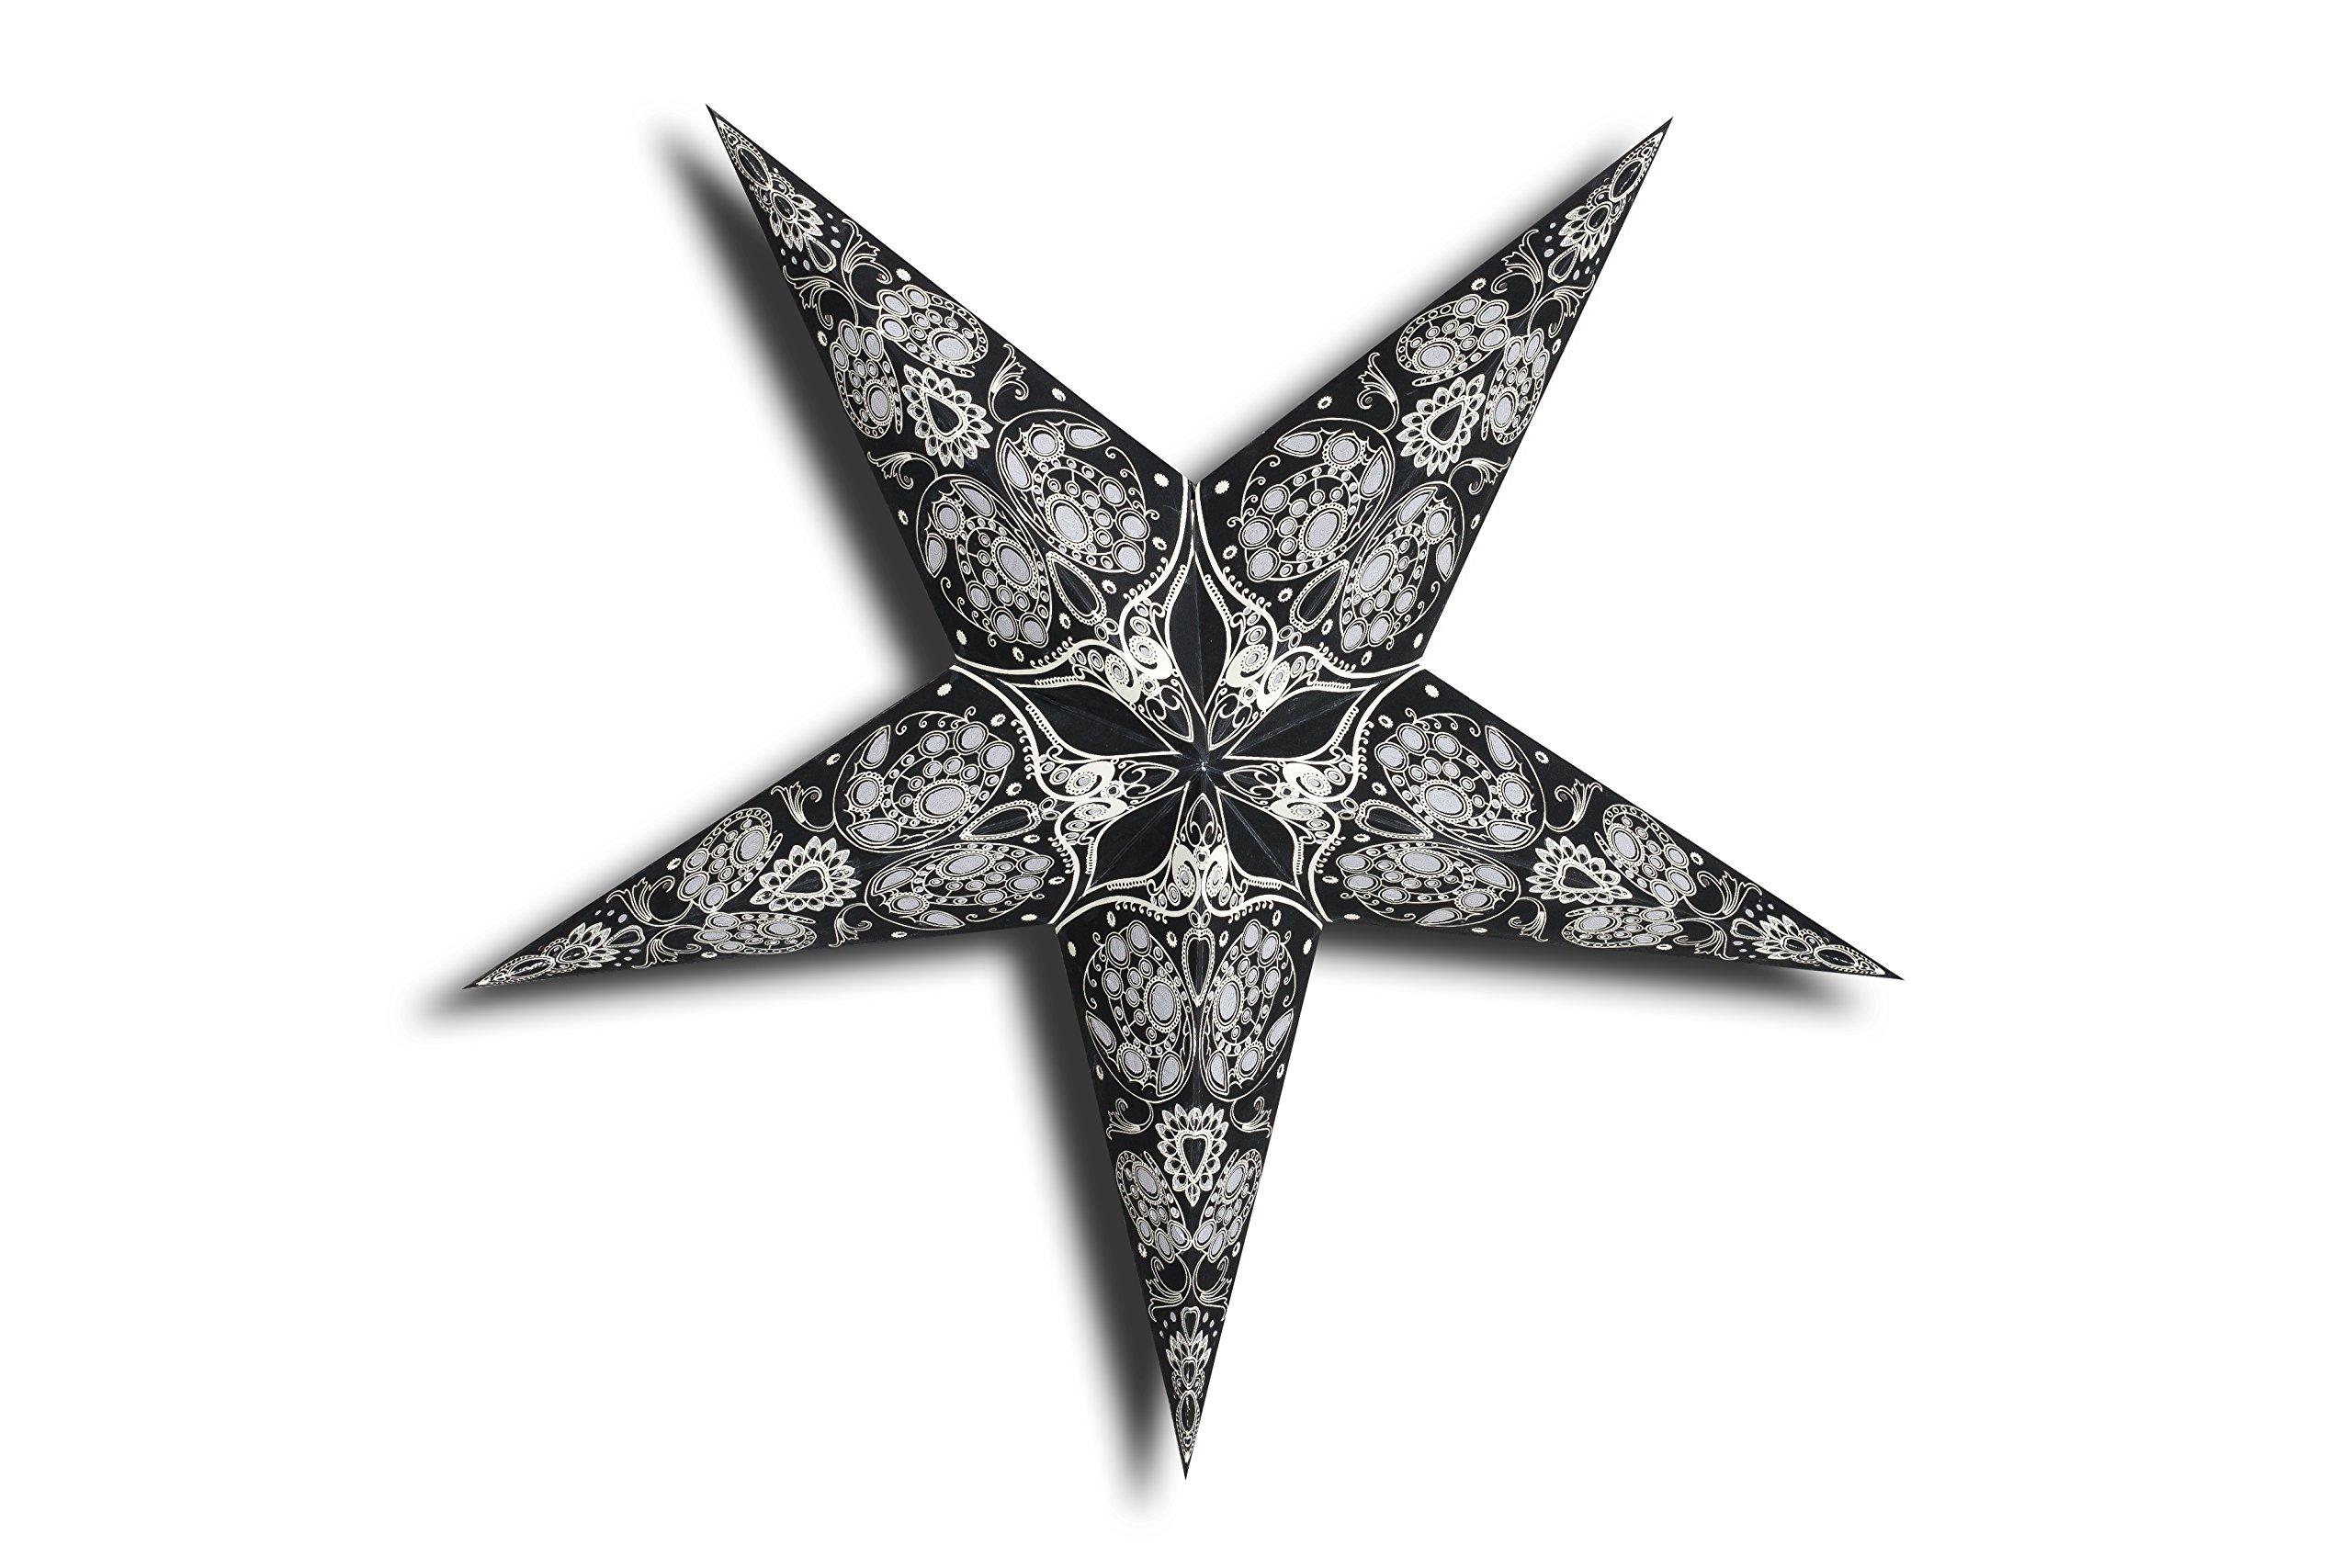 GalaxyArts - Maharani (Black) - Paper Star Lantern - Handmade